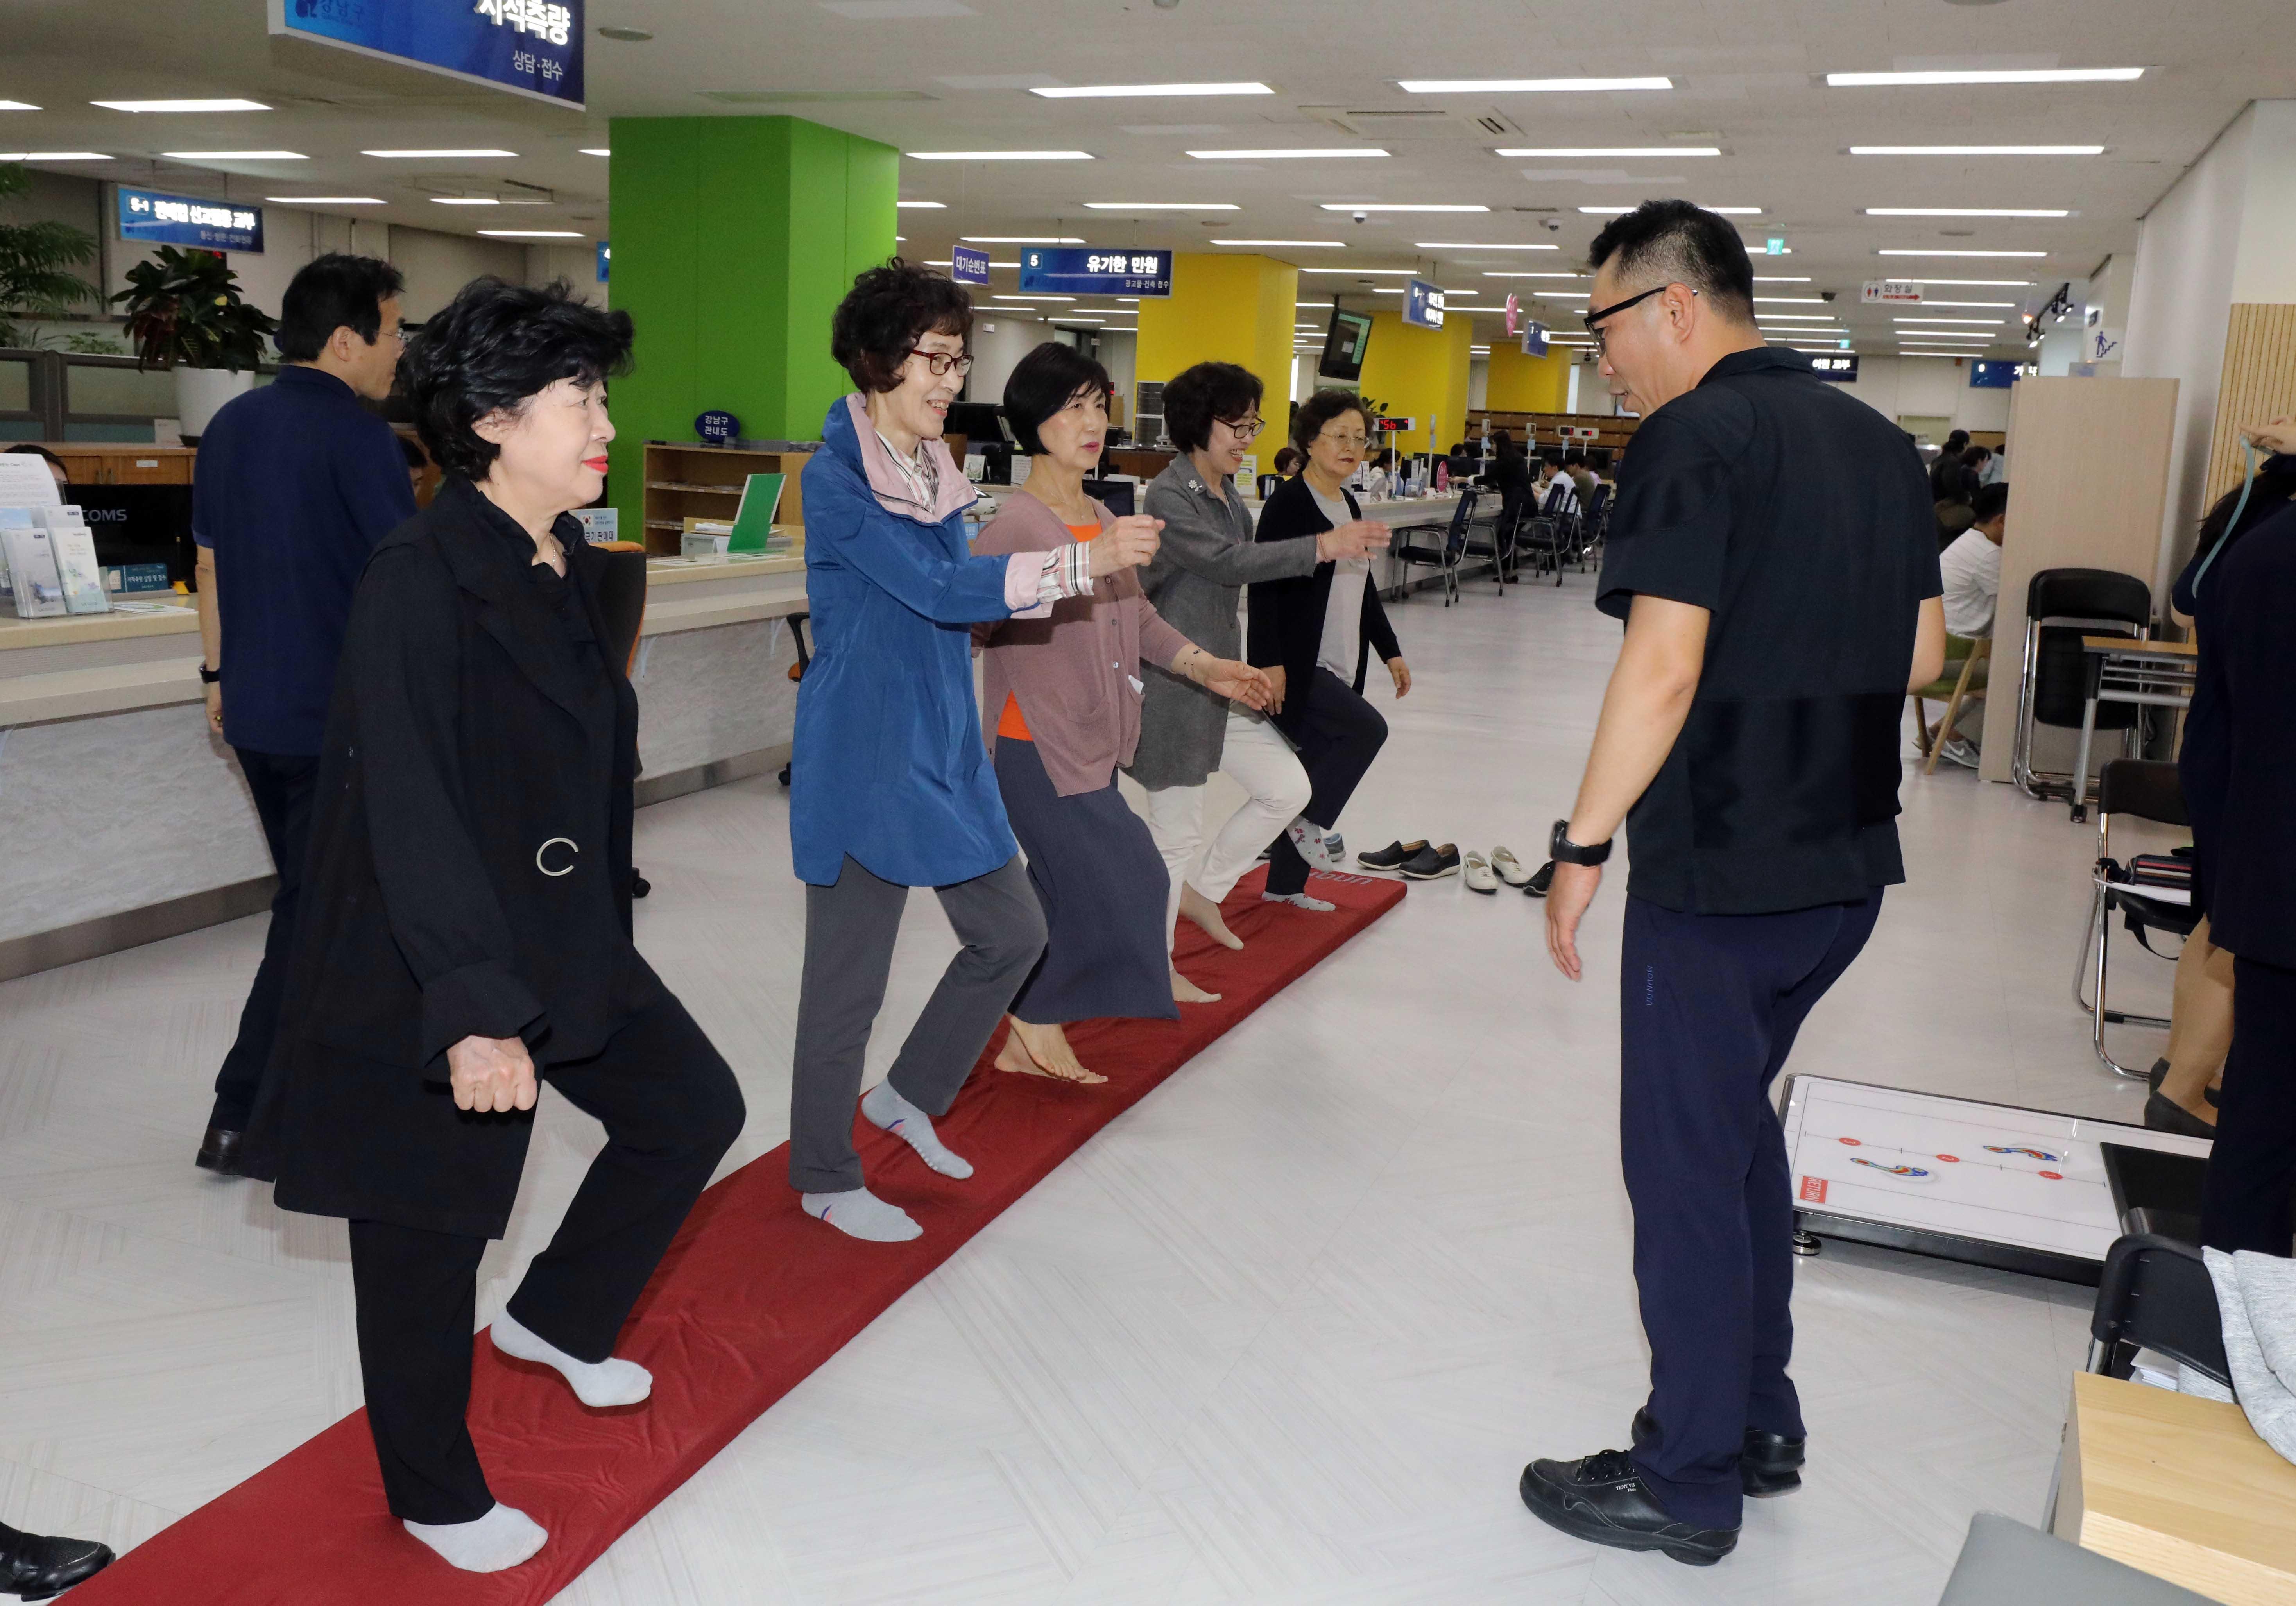 강남구(구청장 정순균)는 청사 1층 로비 유휴공간을 문화예술이나 주민 커뮤니티 공간으로 활용해 기분 좋은 소통에 앞장서고 있다.